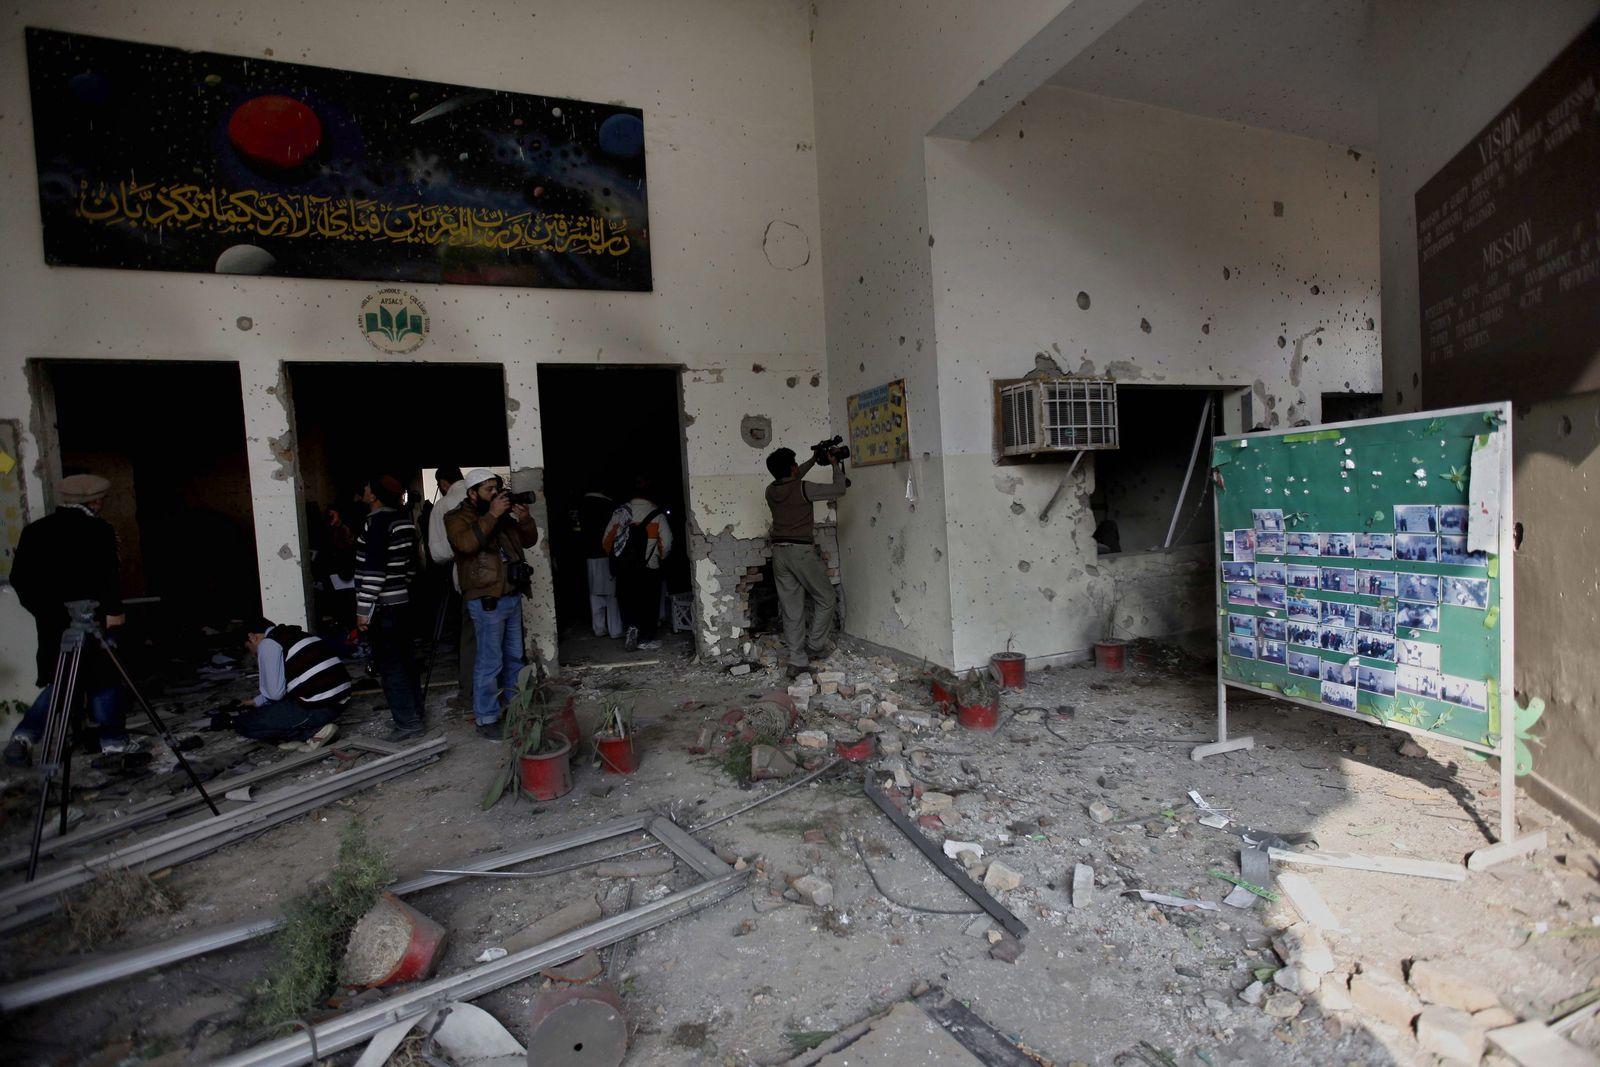 Pakistan/ Peschawar/ Massaker/ Schule/ Trauer